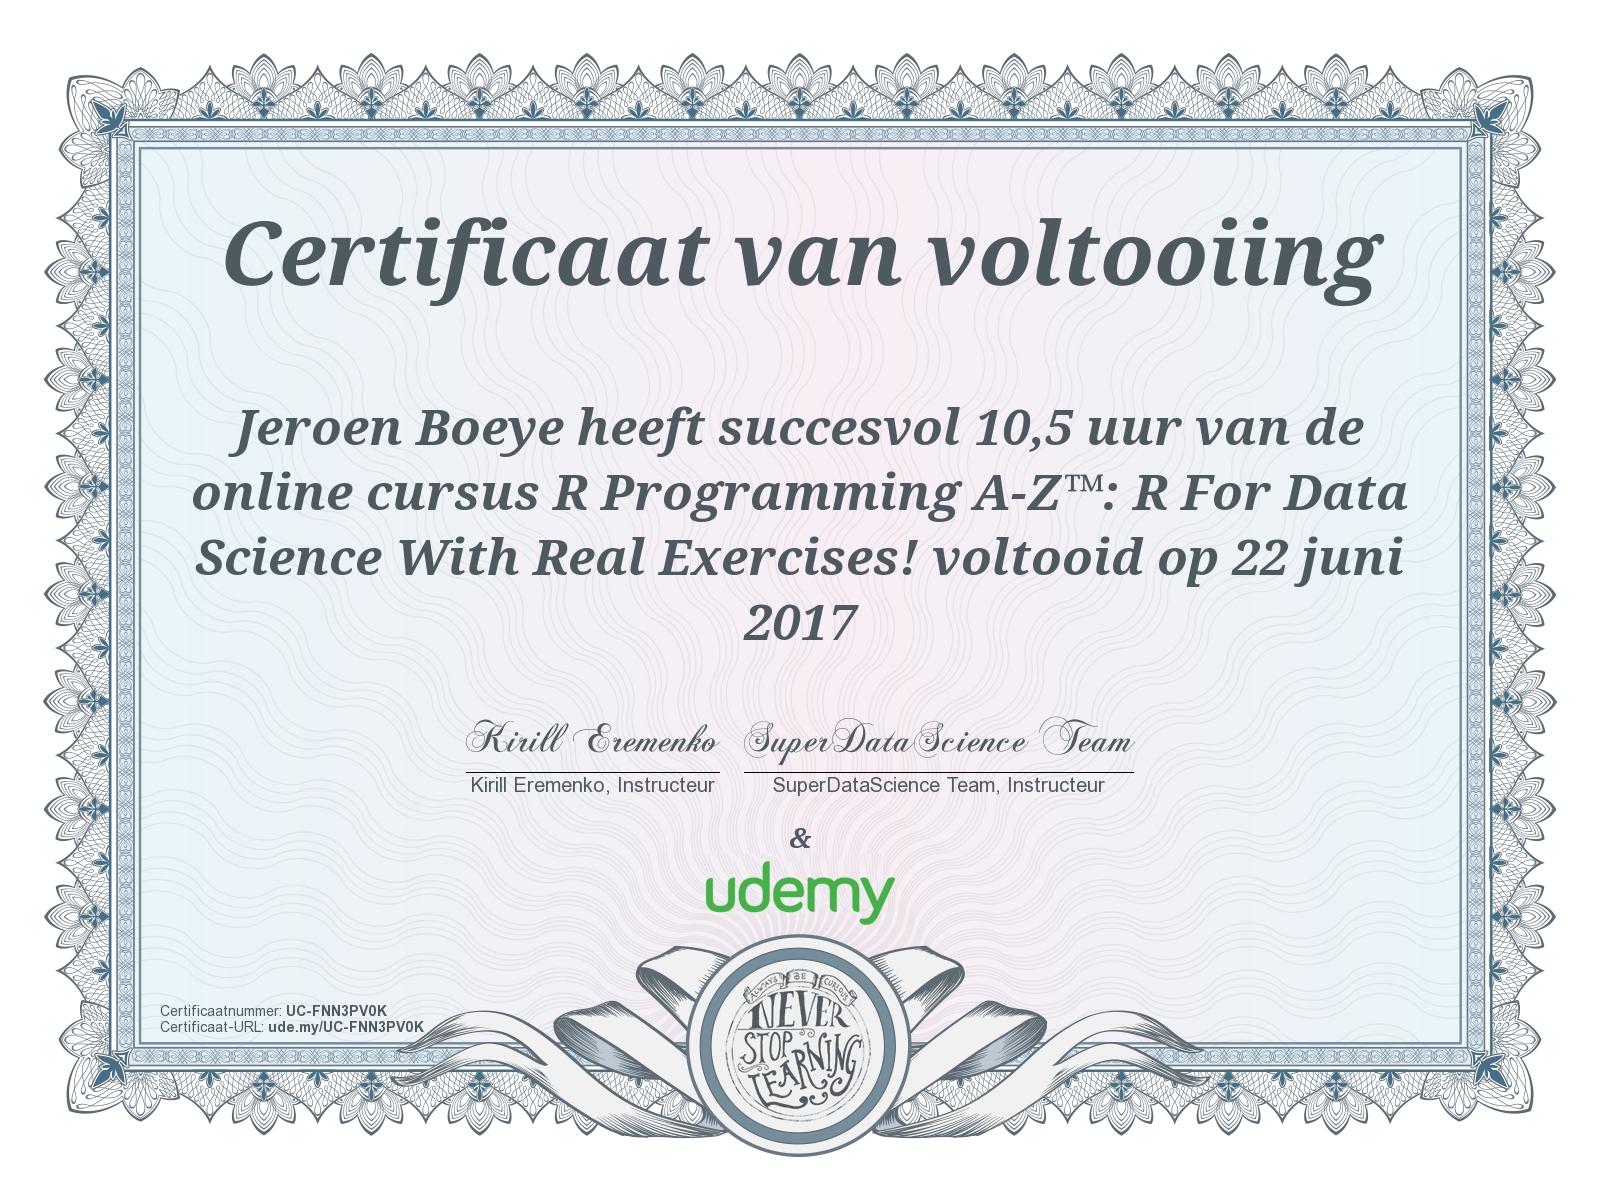 Resume - Jeroen Boeye